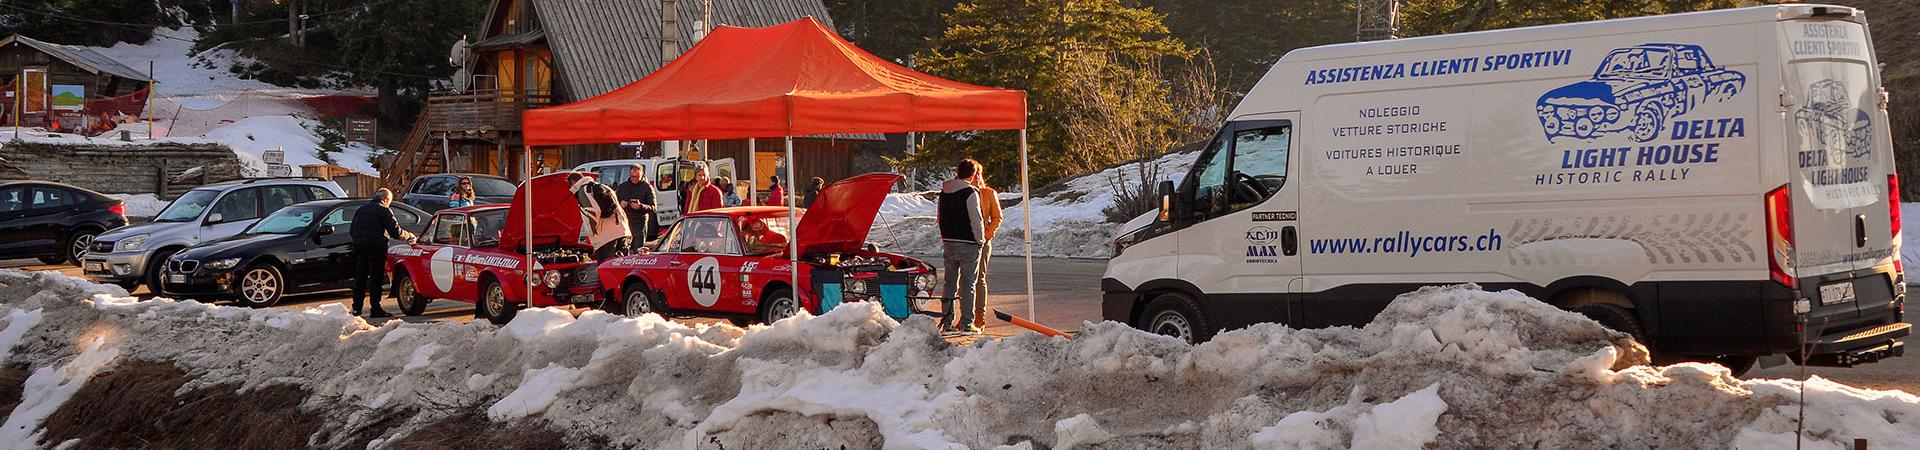 Rally Cars noleggio auto storiche per rally e gare regolarità